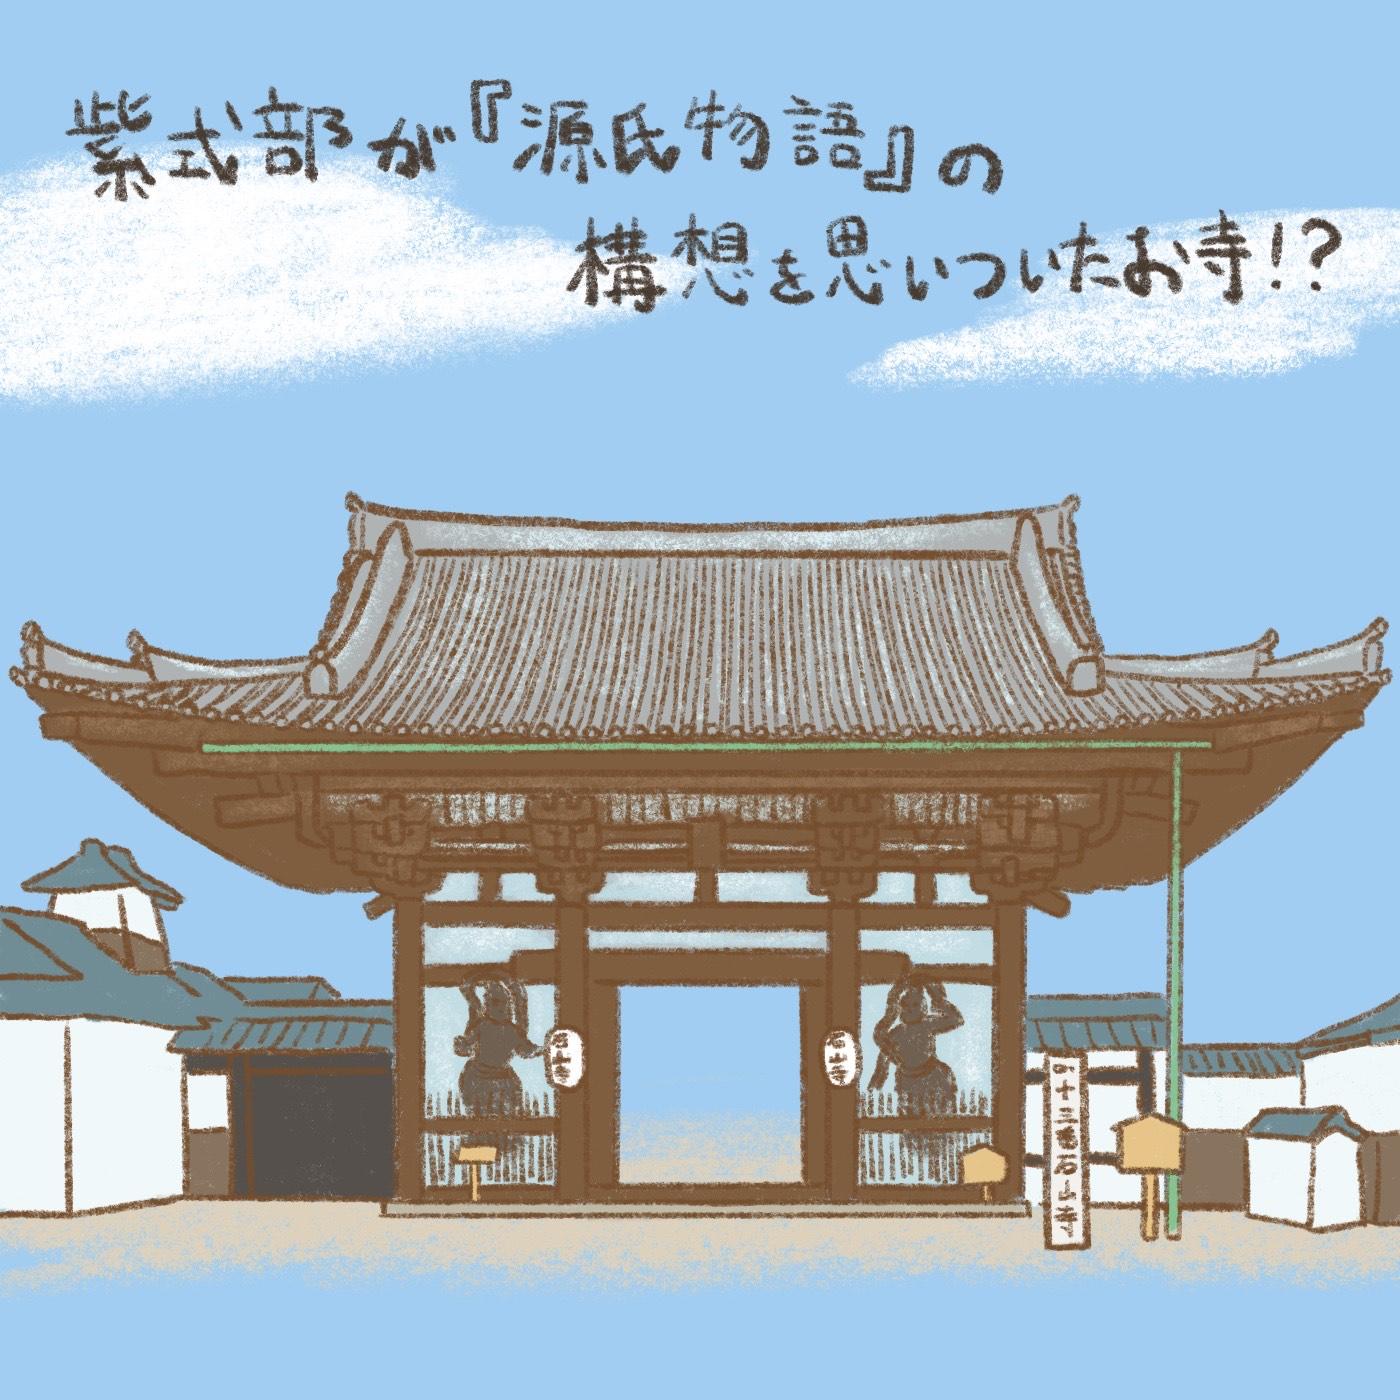 OBIKAKE ナニソレ 源氏物語 石山寺 文学寺